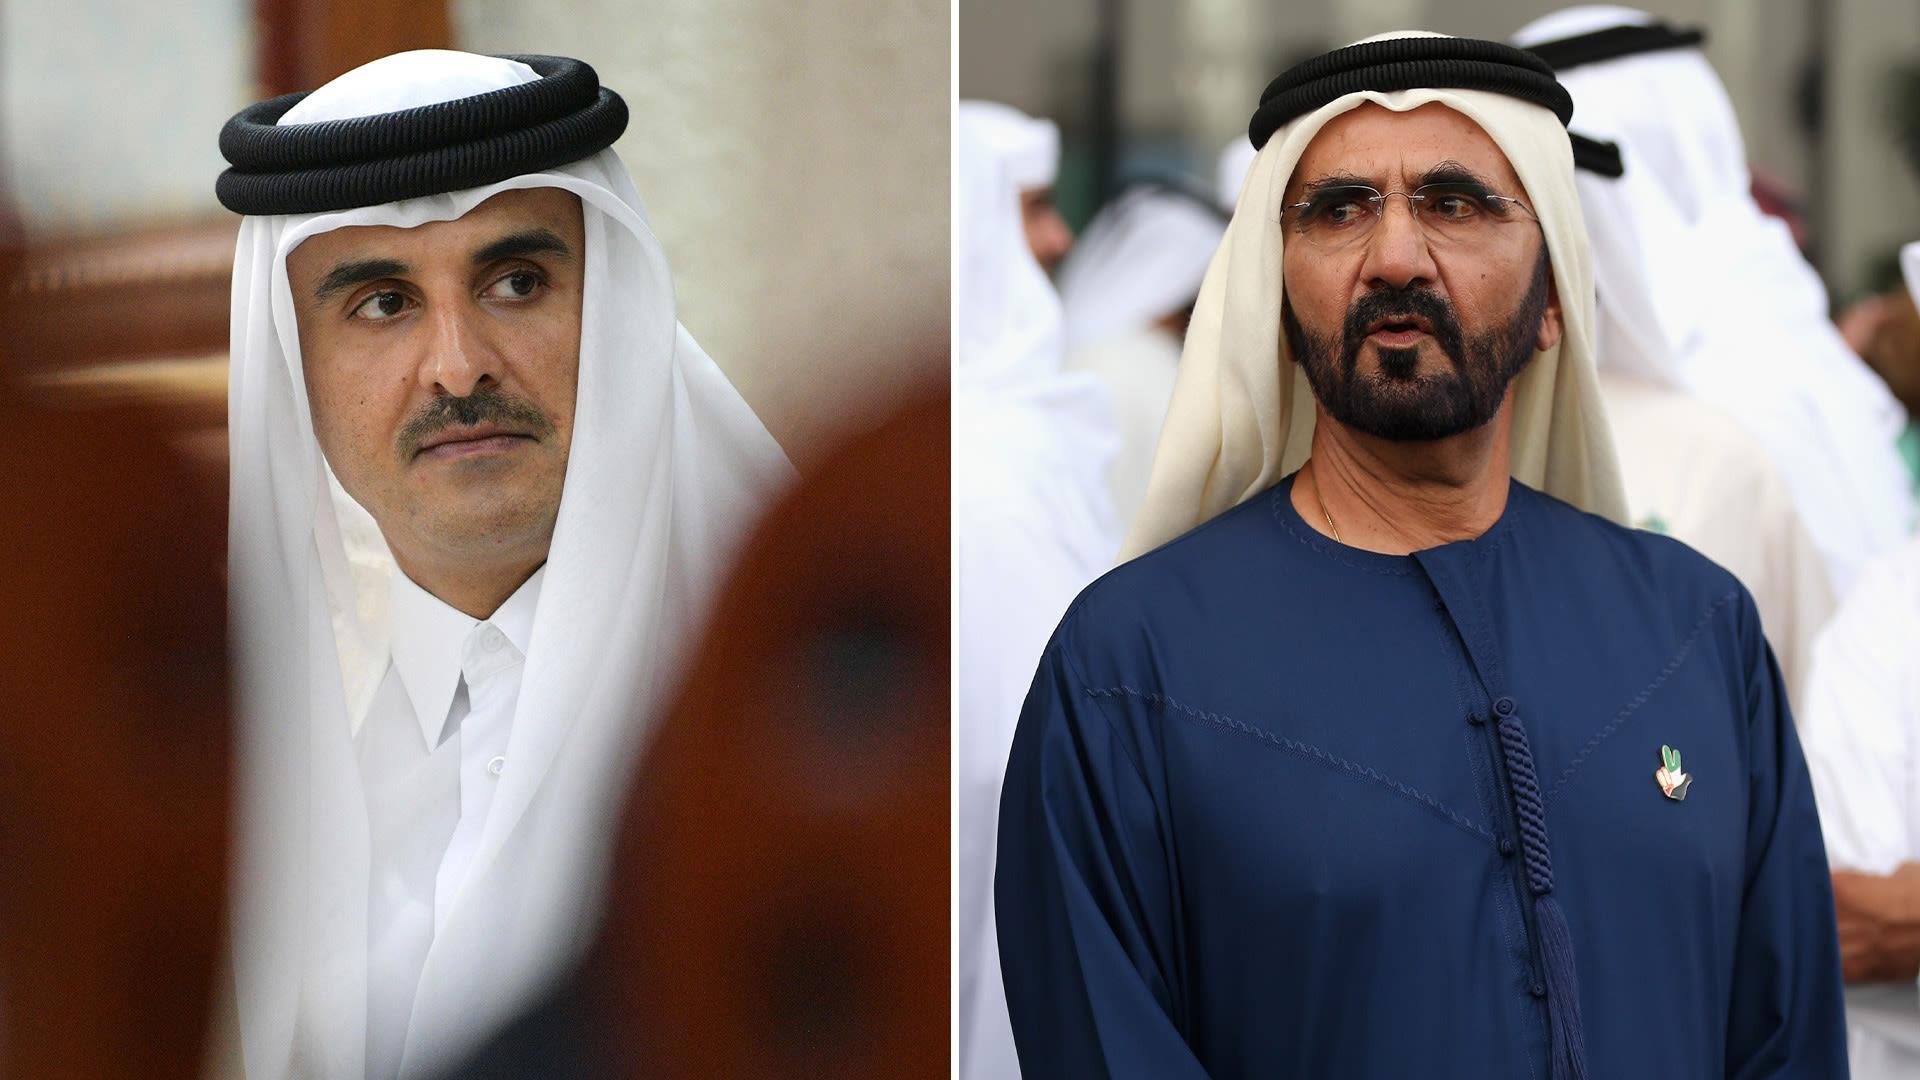 لأول مرة منذ سنوات.. أمير قطر يجري اتصالا مع حاكم دبي لتقديم تعازيه في وفاة حمدان بن راشد